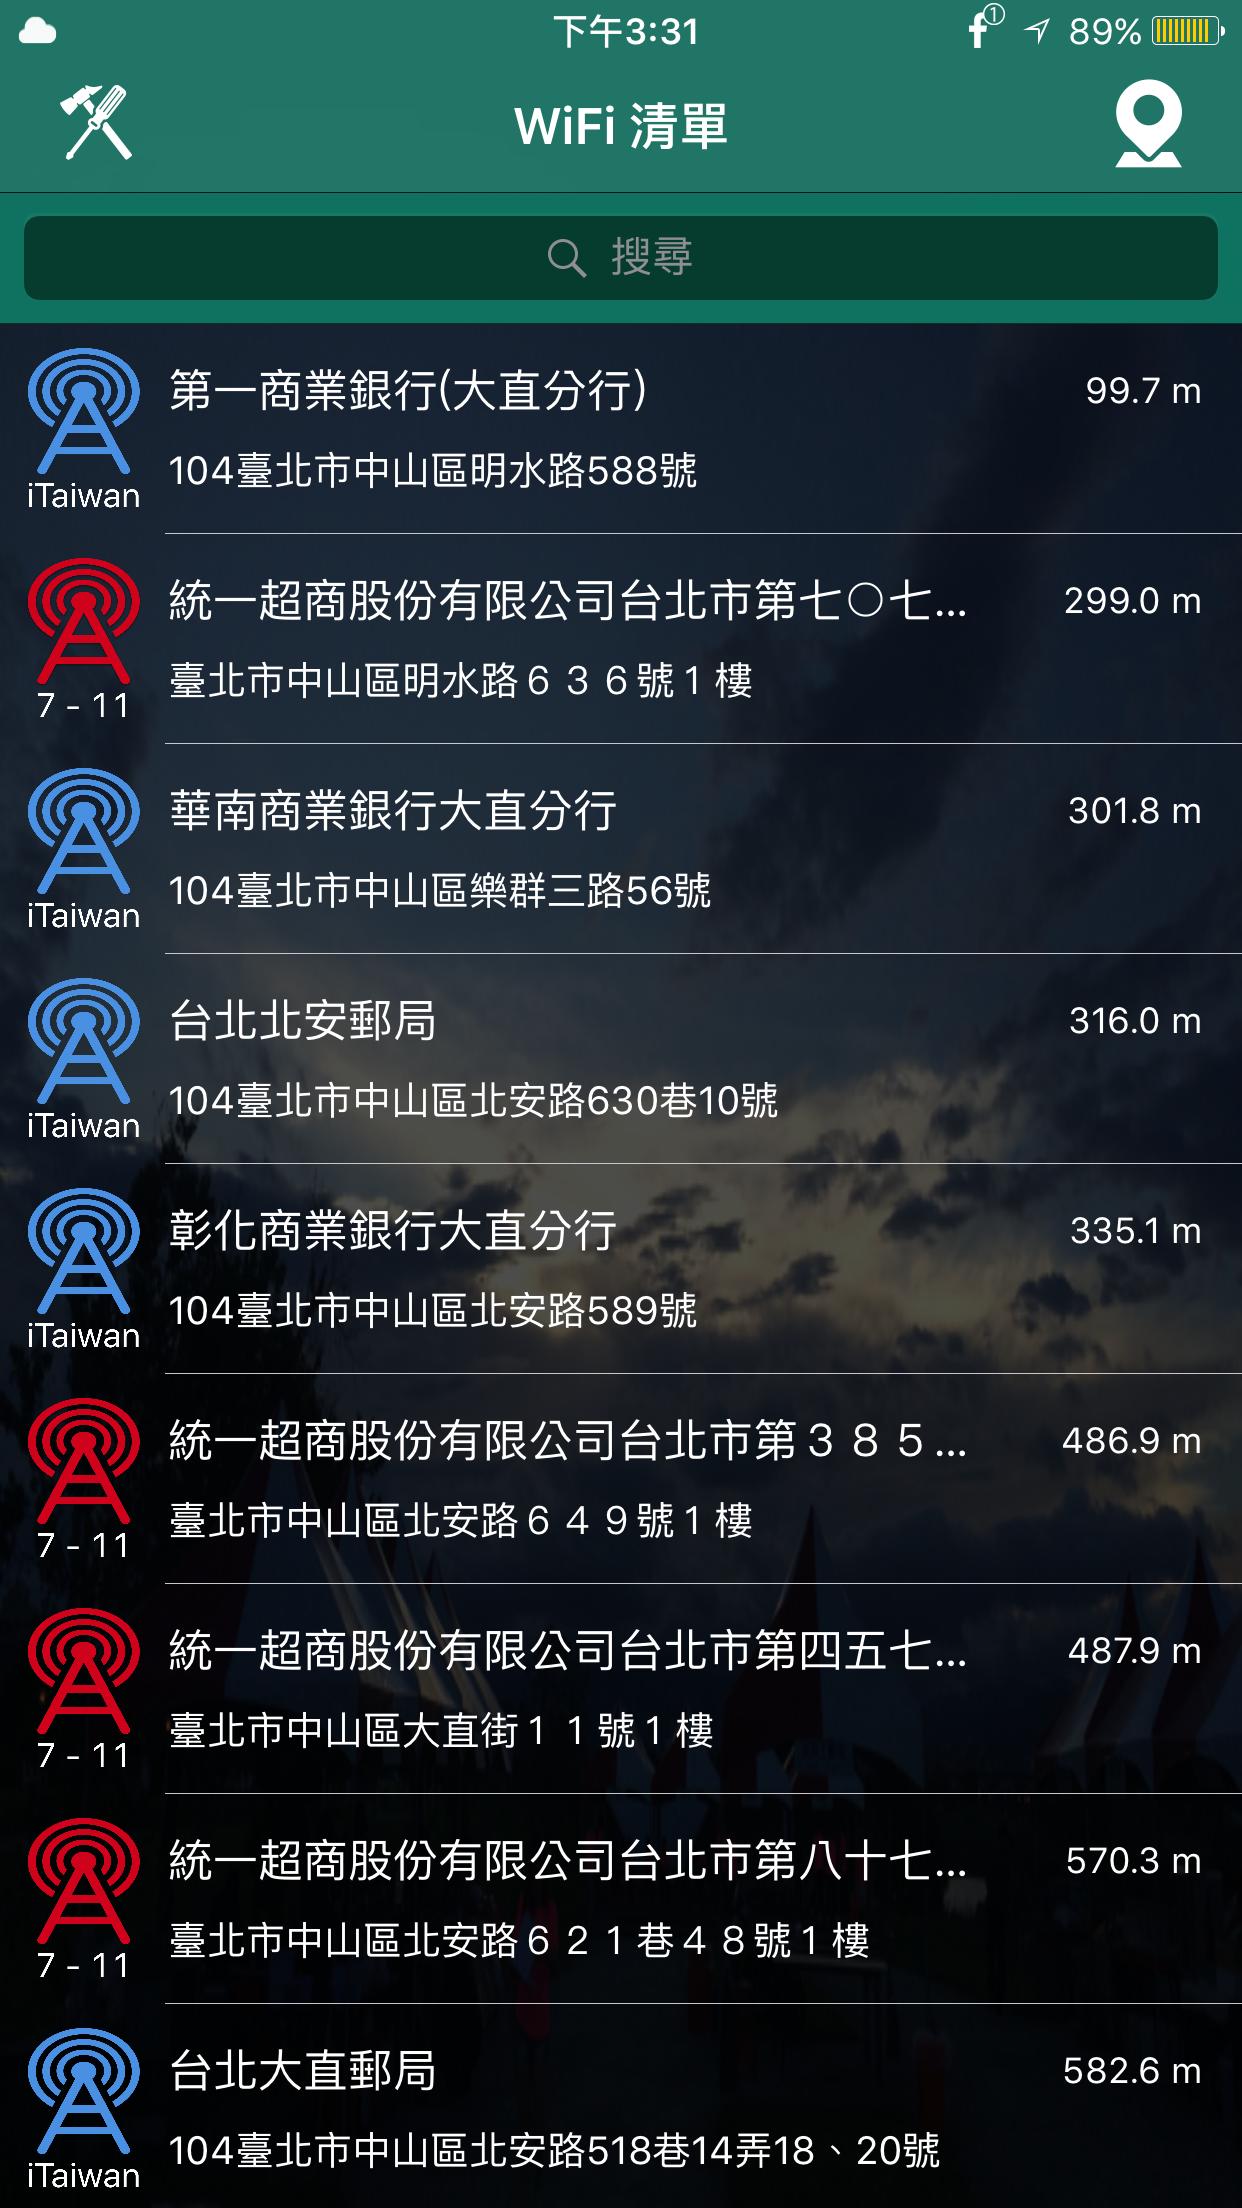 離線Wi-Fi用這些App找,出門不怕沒網路